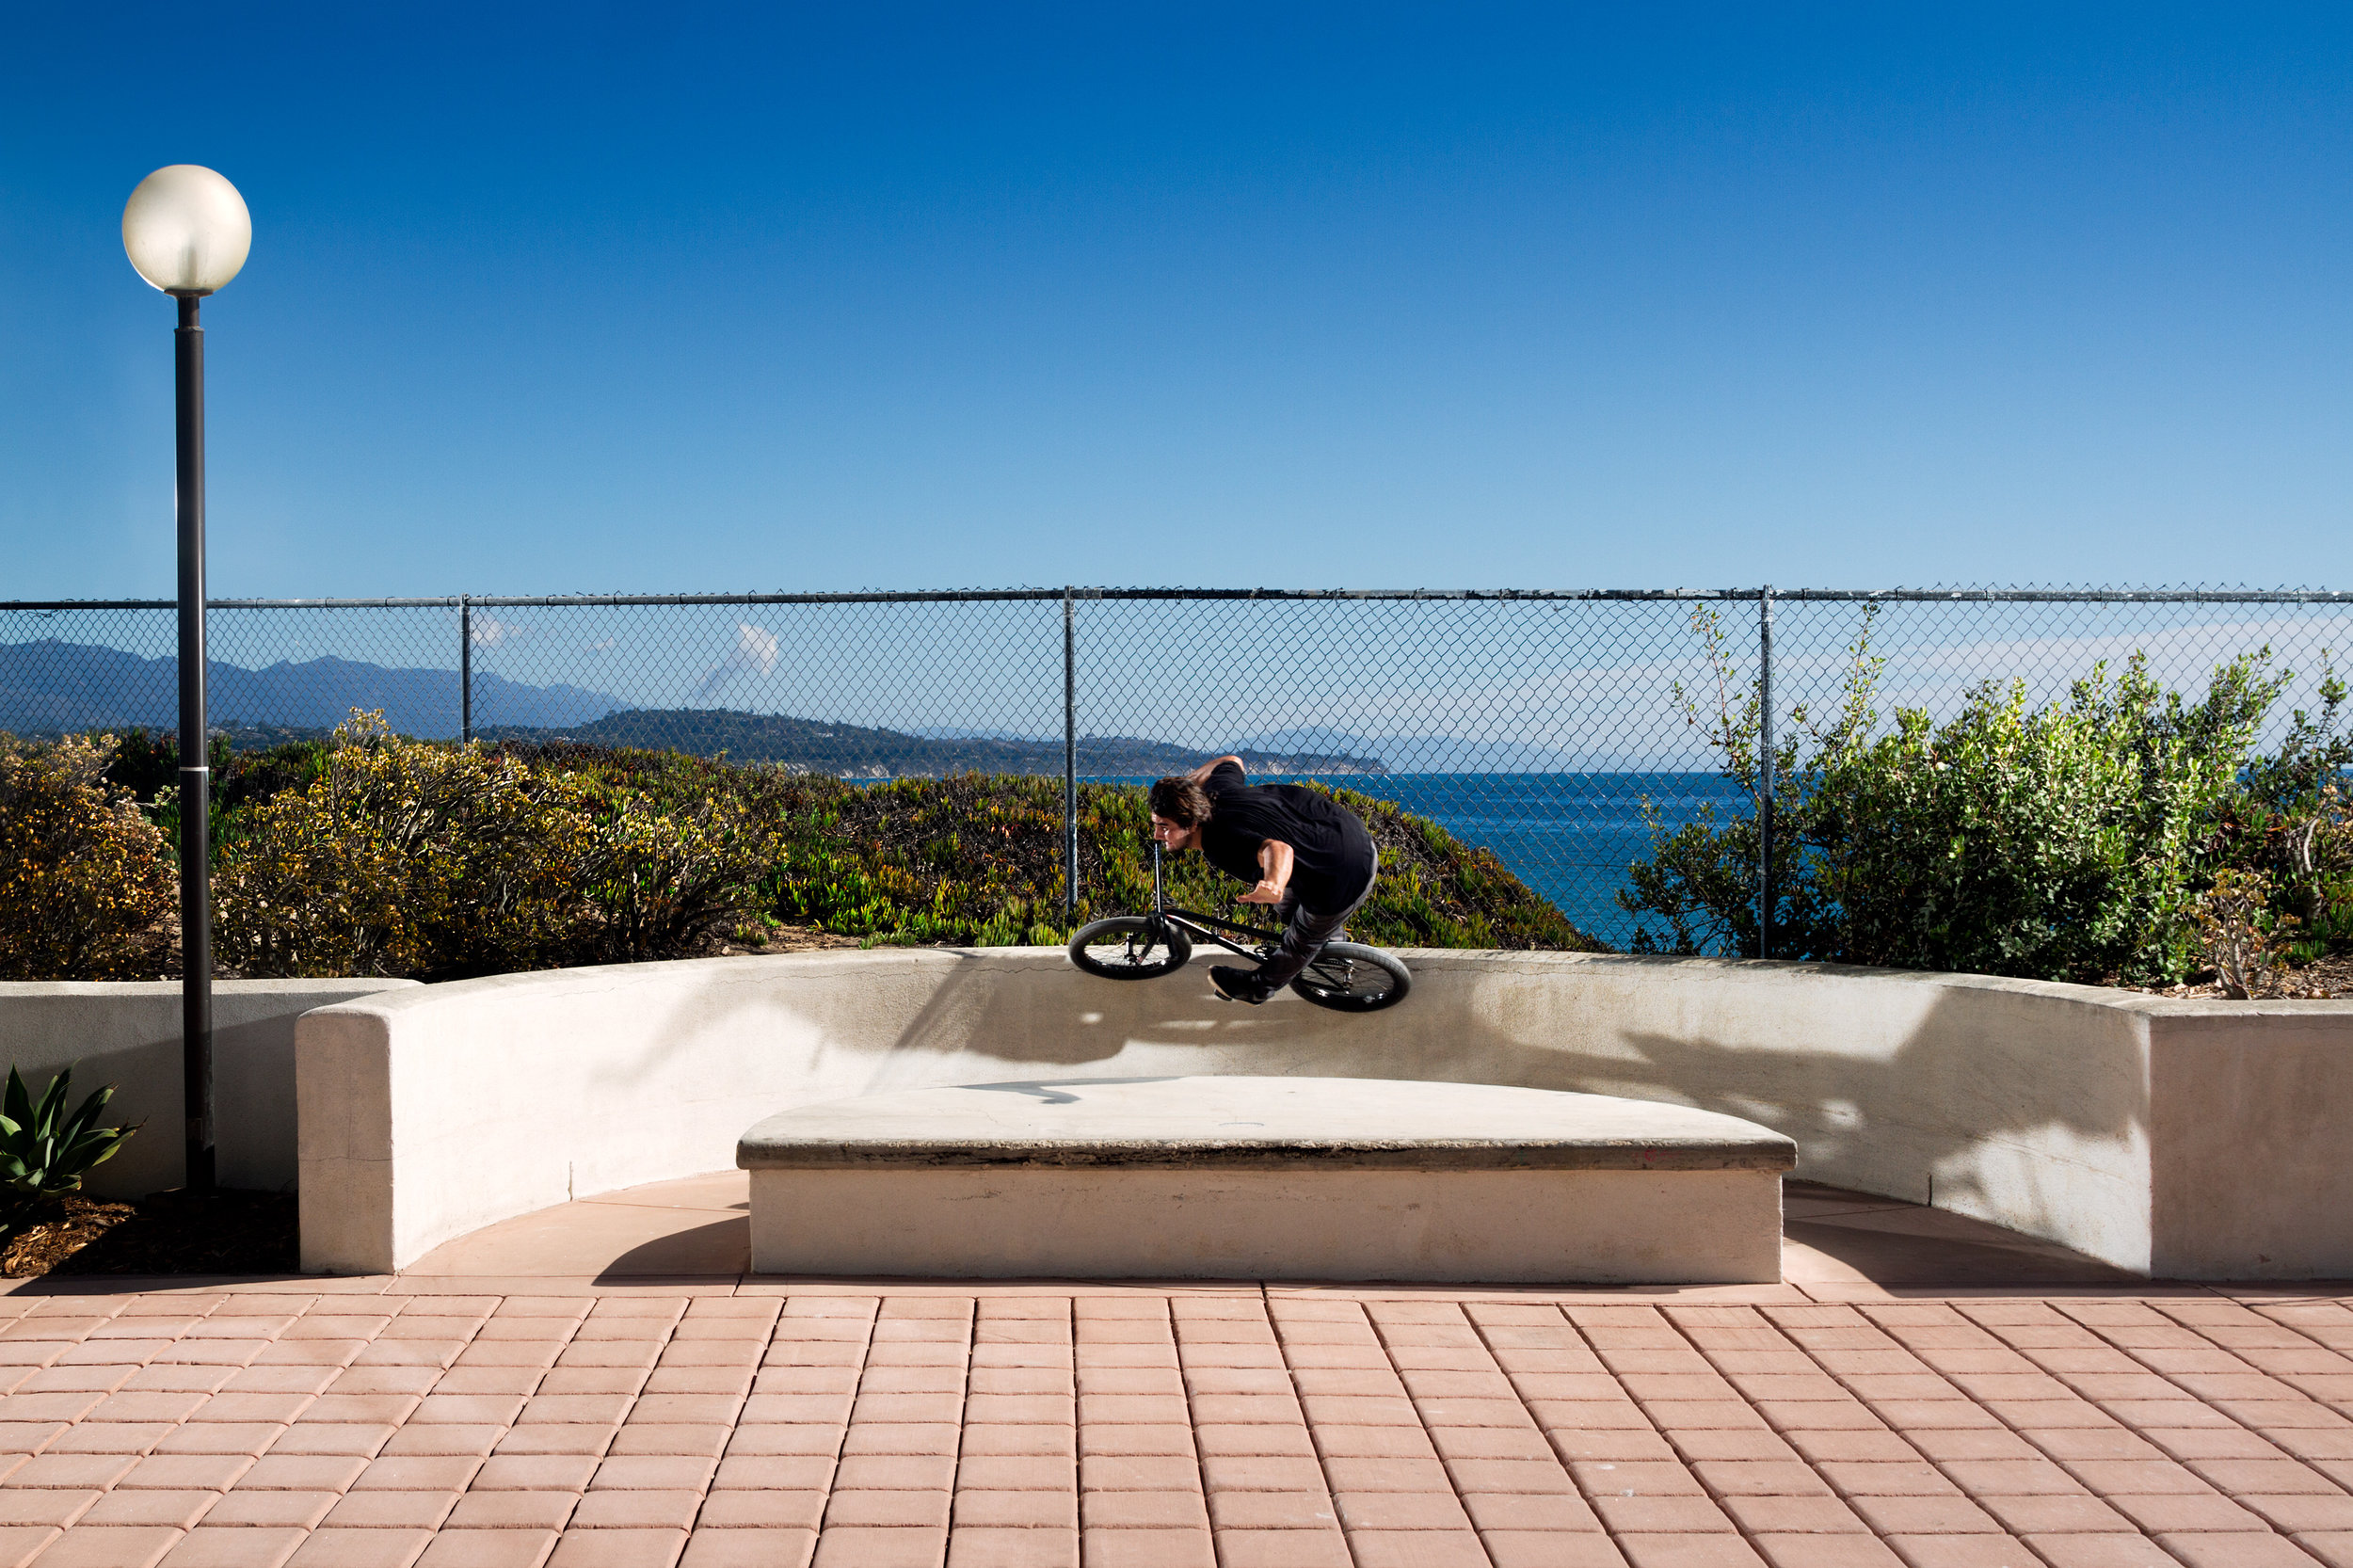 Nick-Castillo-BMX-Curved-Wallride-SB-Devin-Feil.jpg